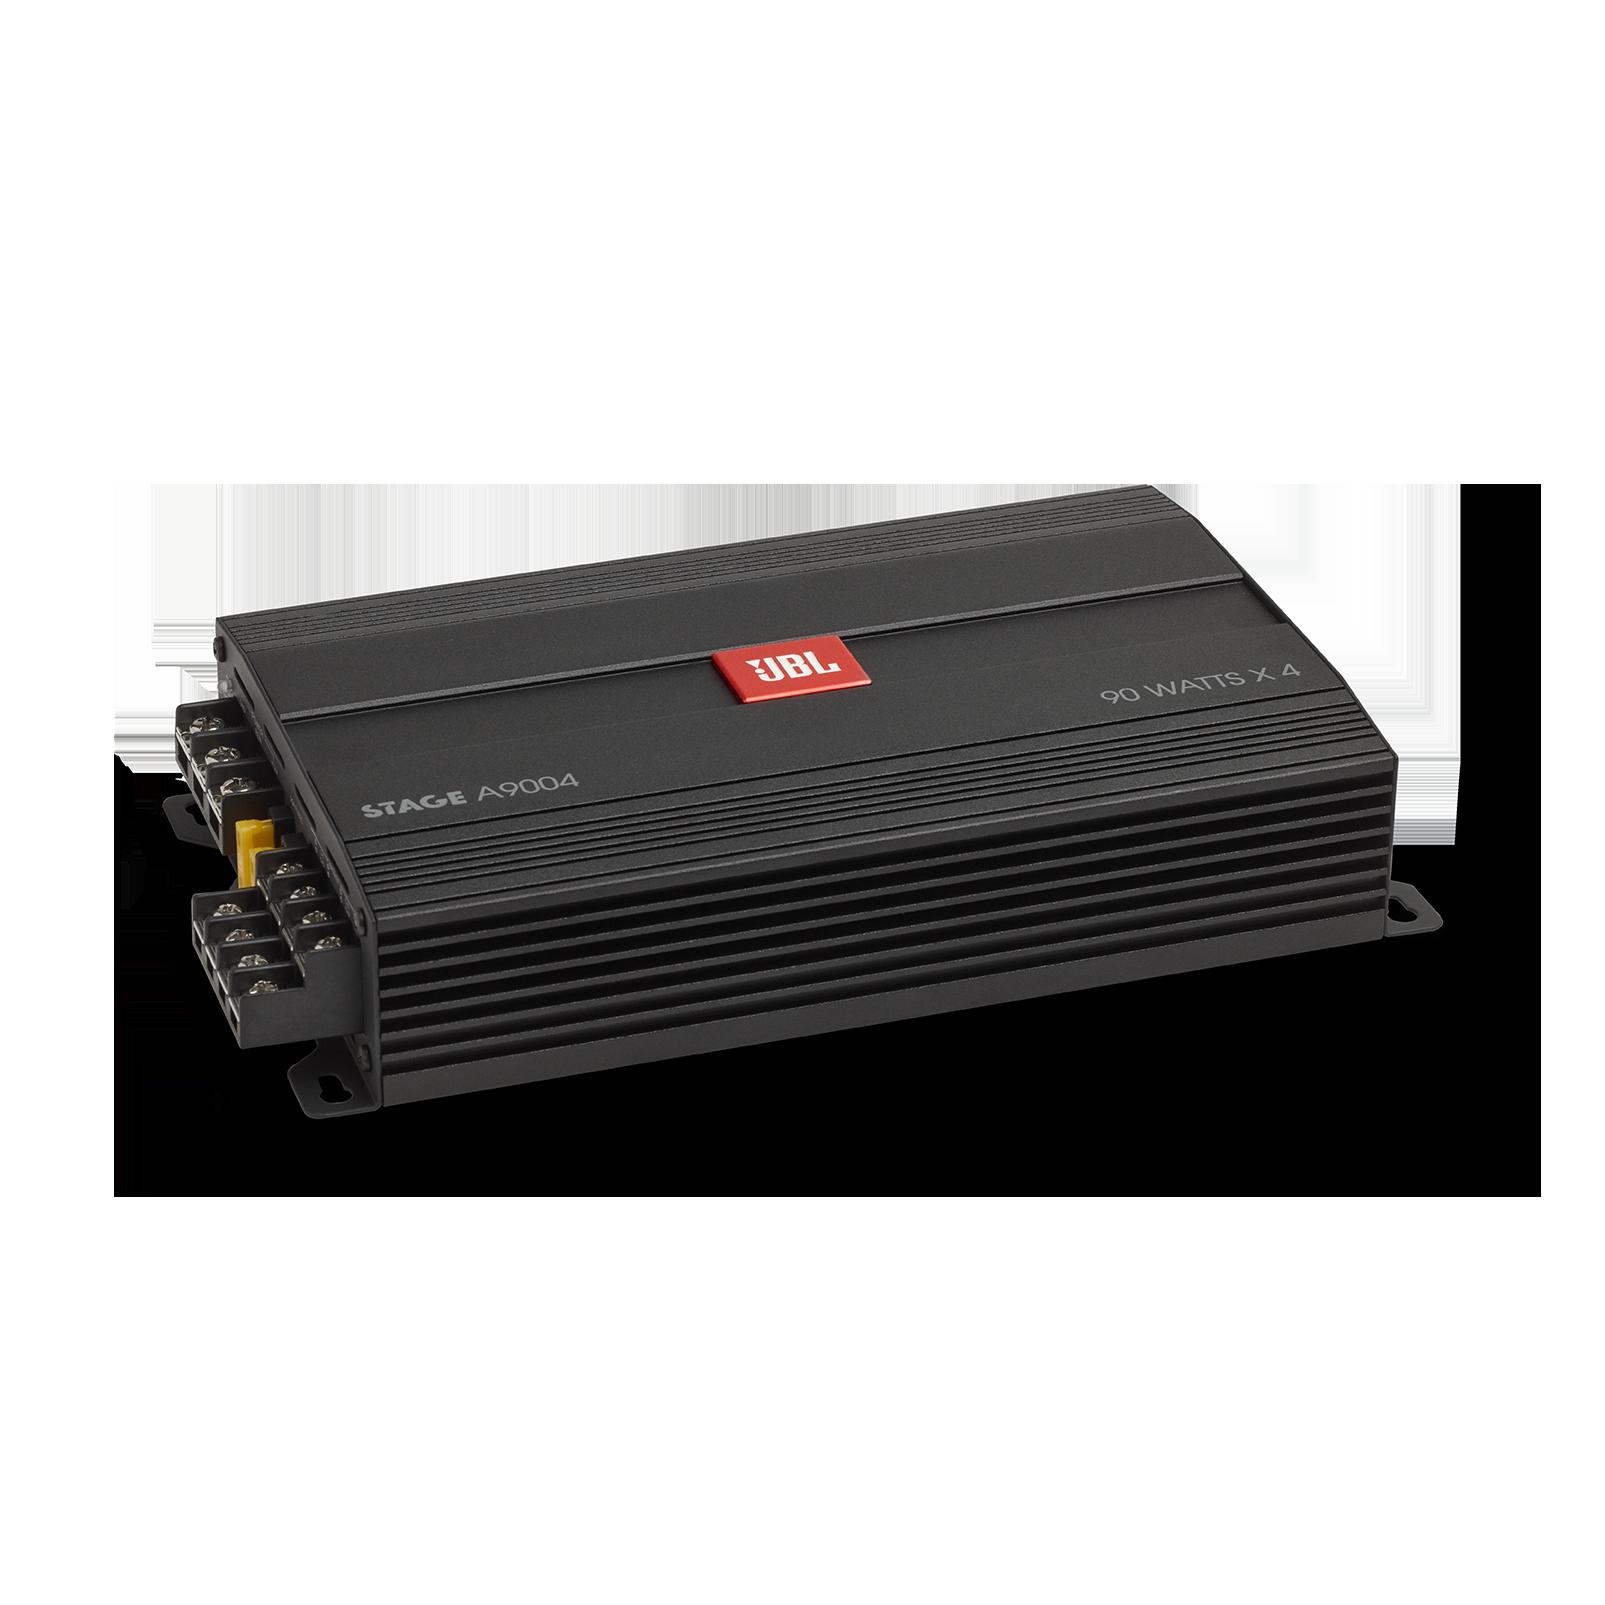 JBL Stage Amplifier A9004 - Black - Class D Car Audio Amplifier - Hero